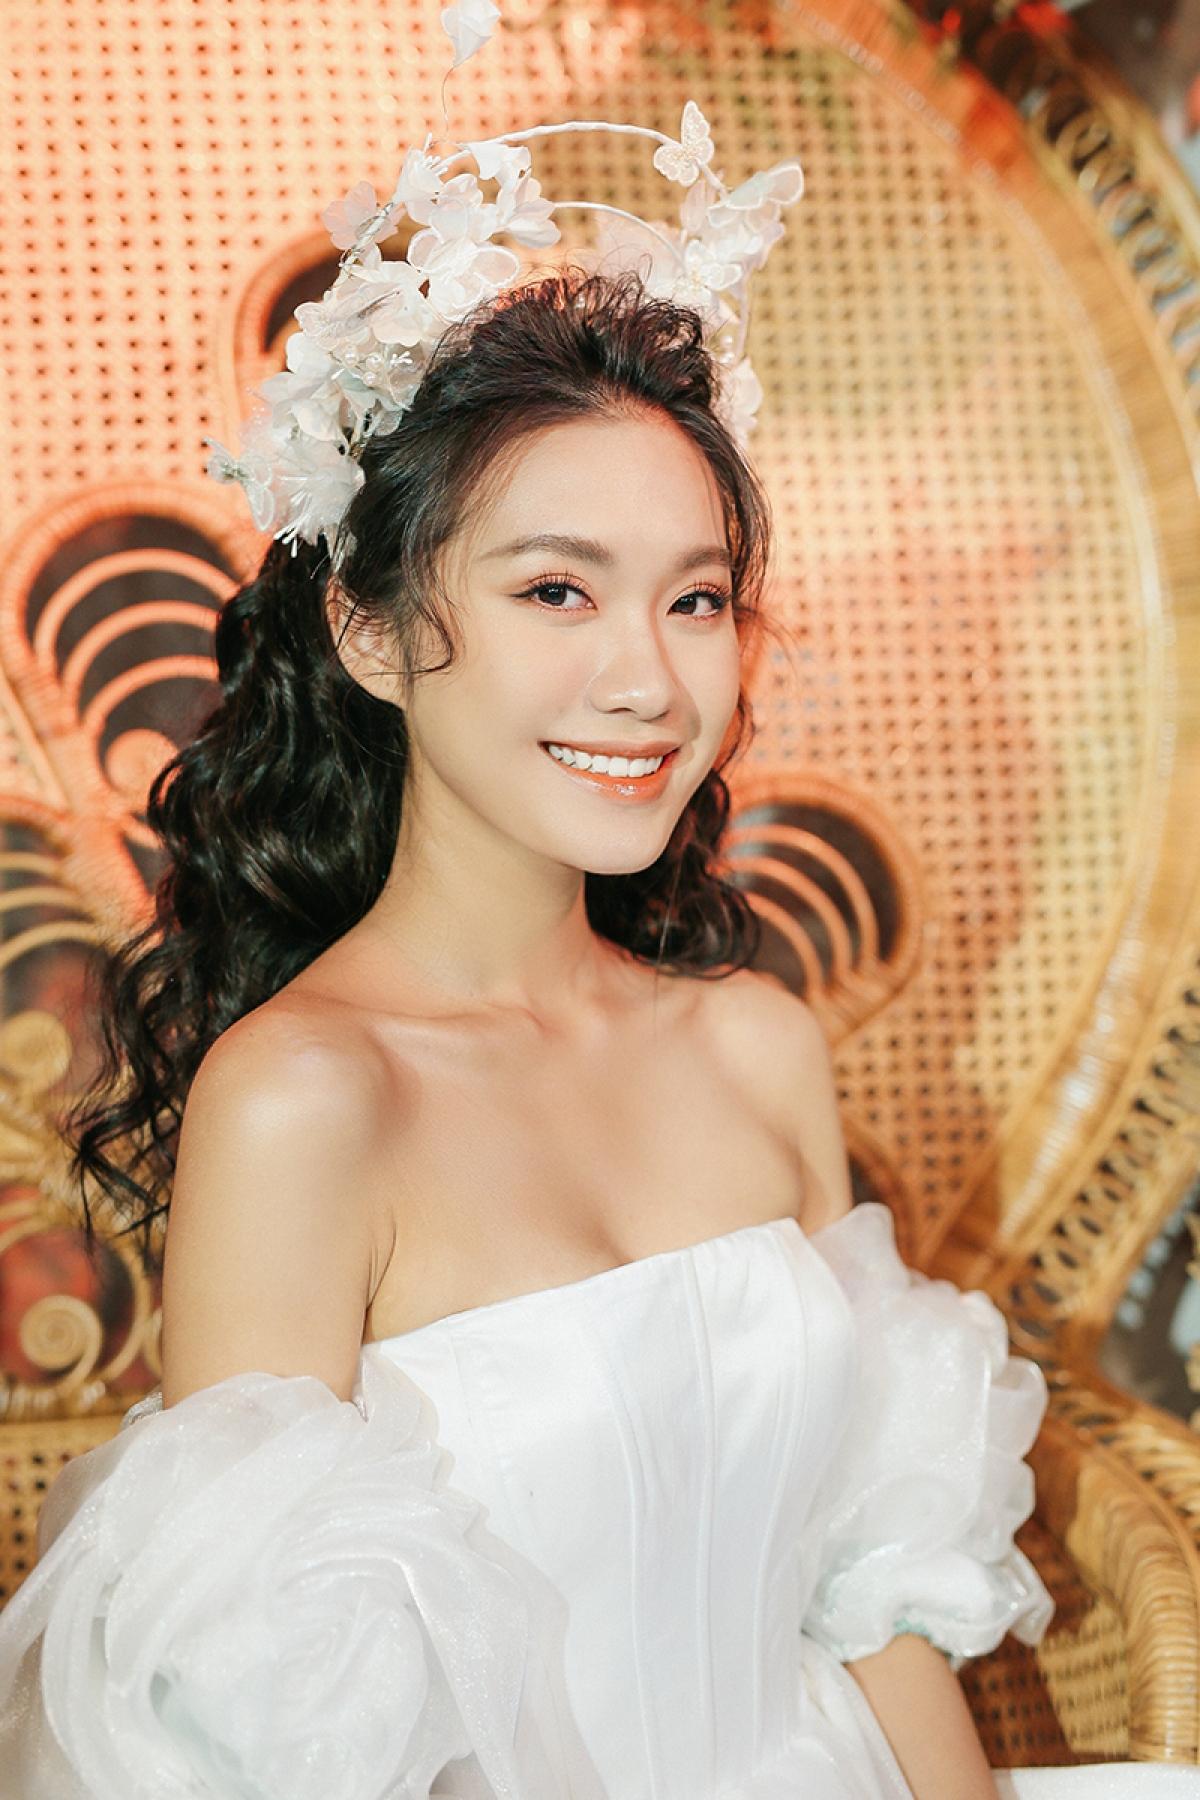 Top 10 Hoa hậu Việt Nam - Doãn Hải My giữ vai trò vedette và nhận được những tràng vỗ tay ủng hộ không ngớt của khách mời.